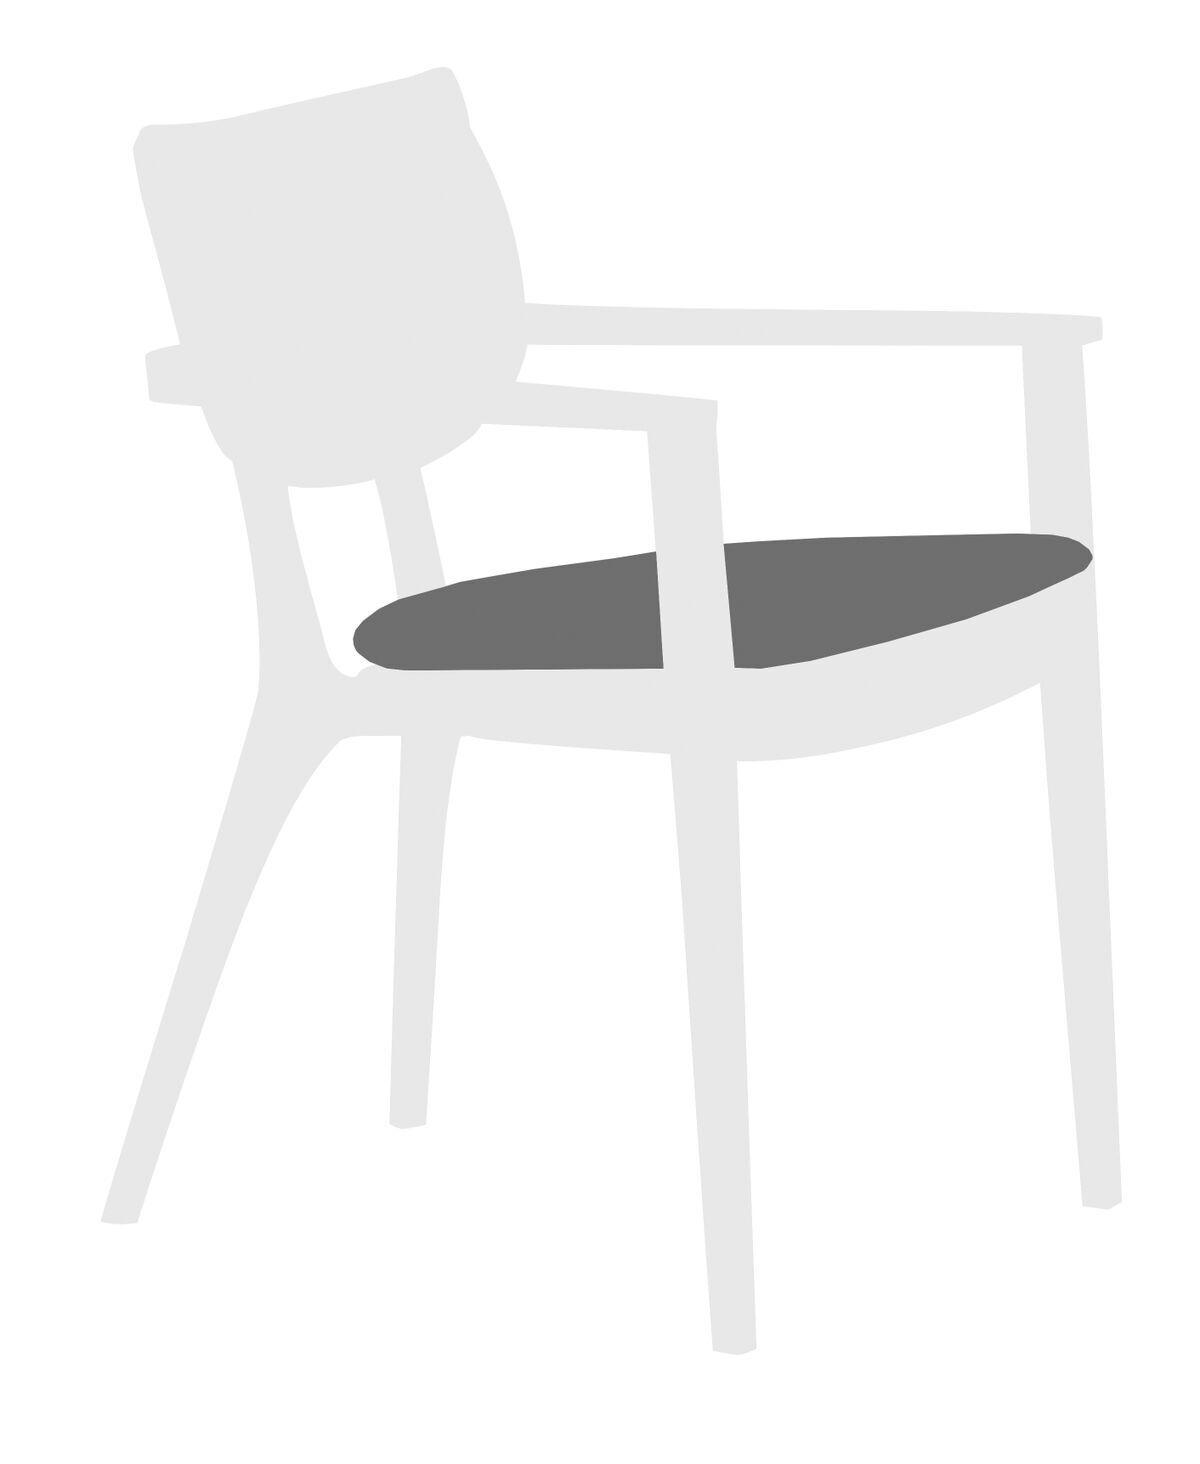 Diuna Outdoor Lounge Chair Cushion Fabric: Lanten Slate